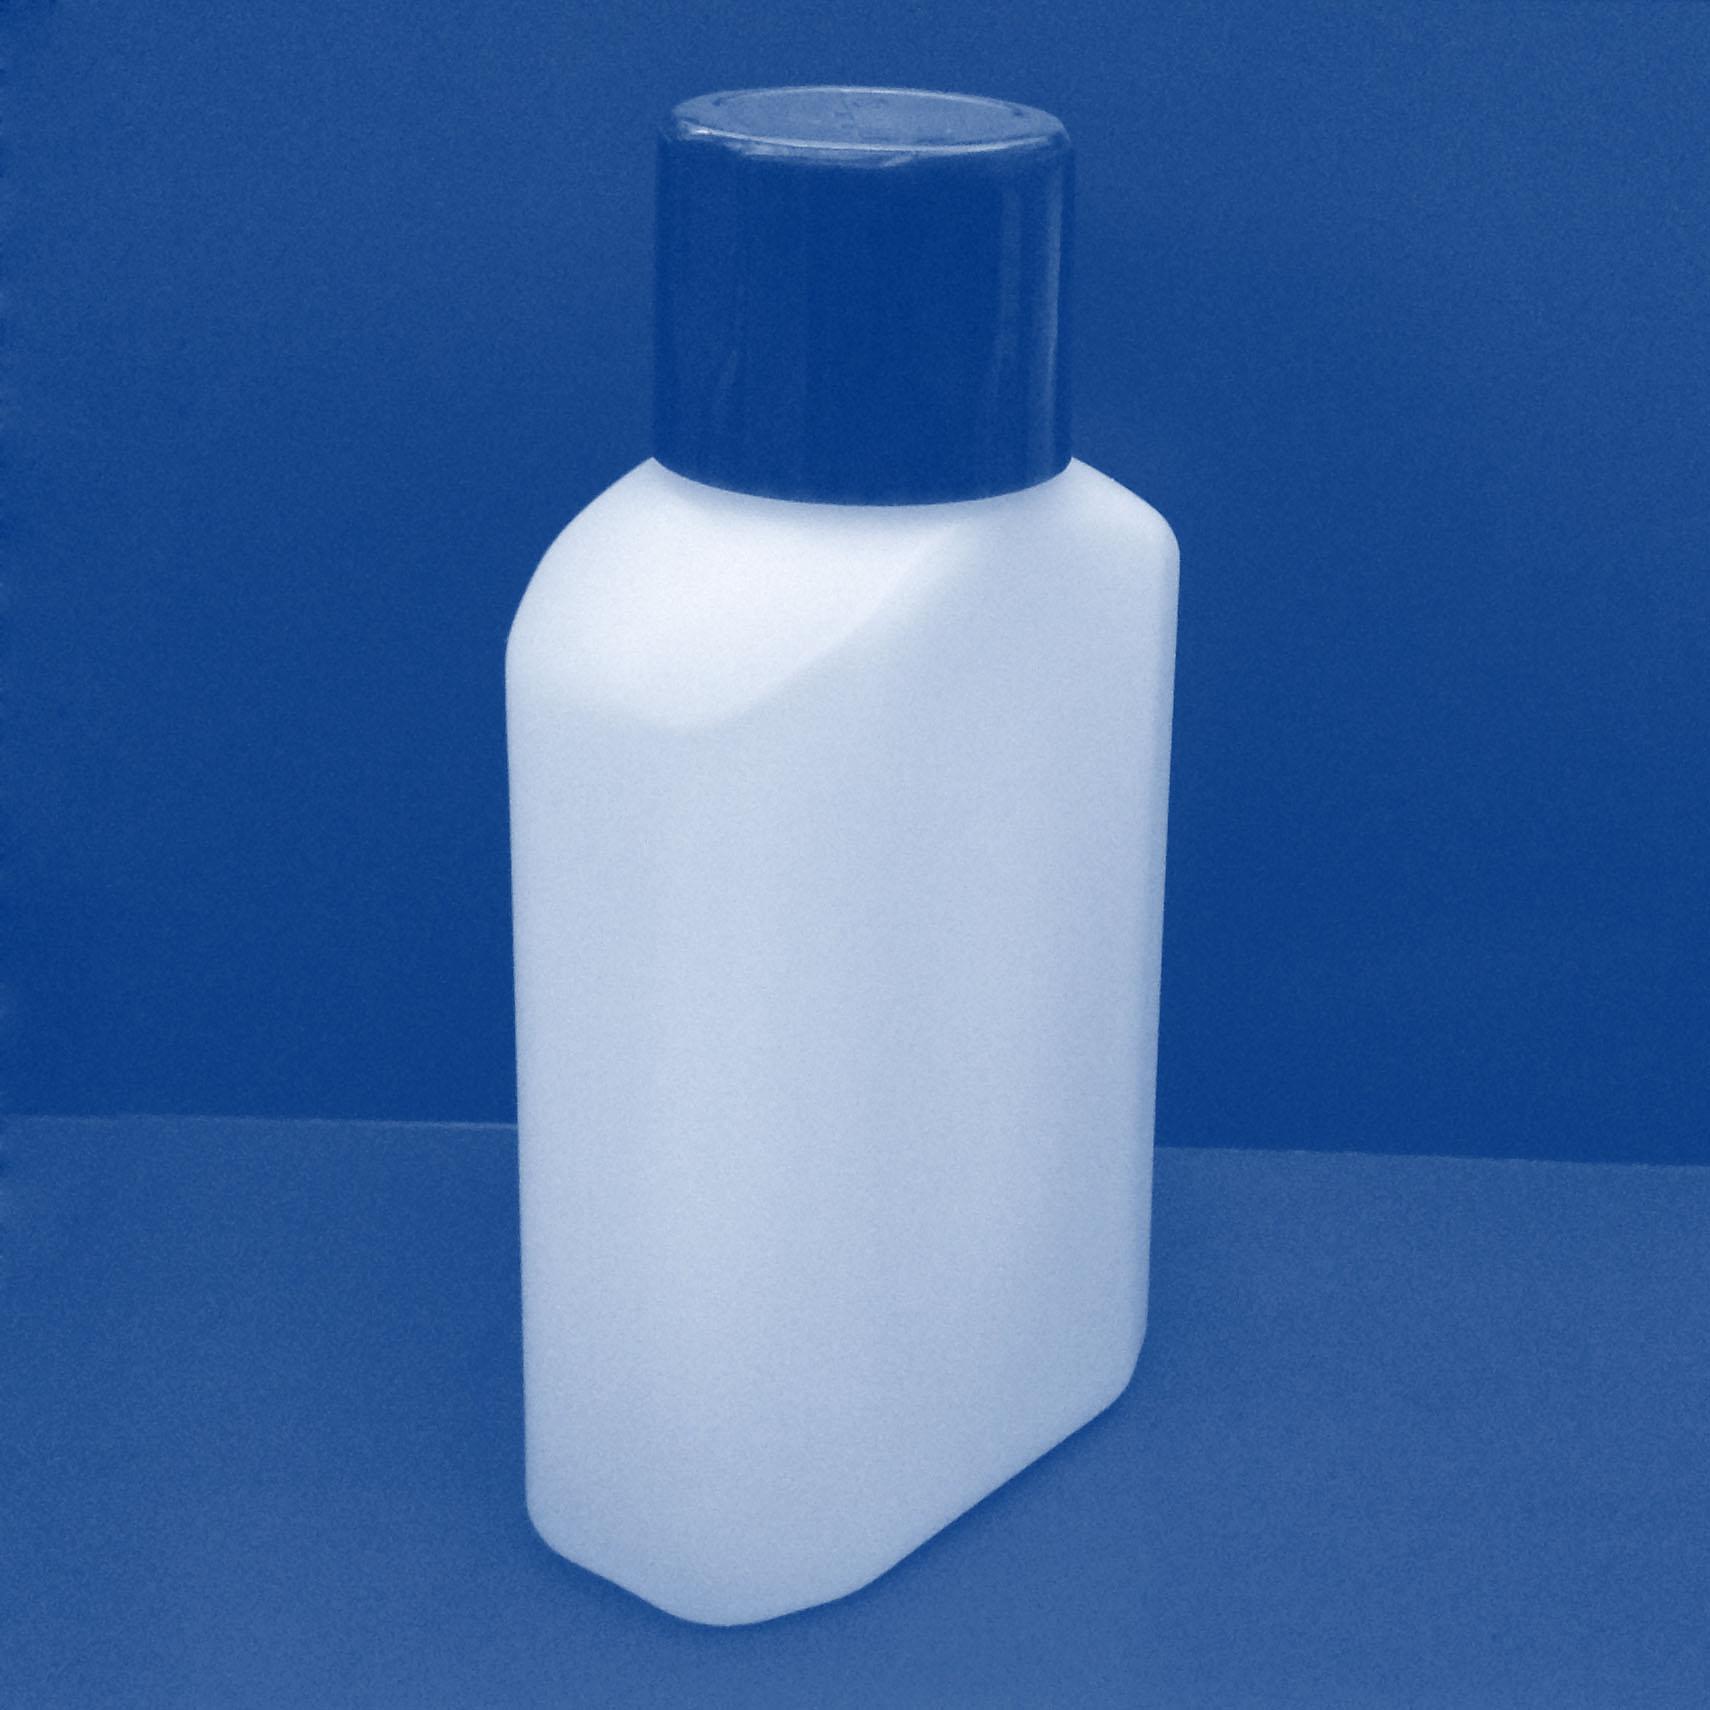 220ml plastic bottle_2